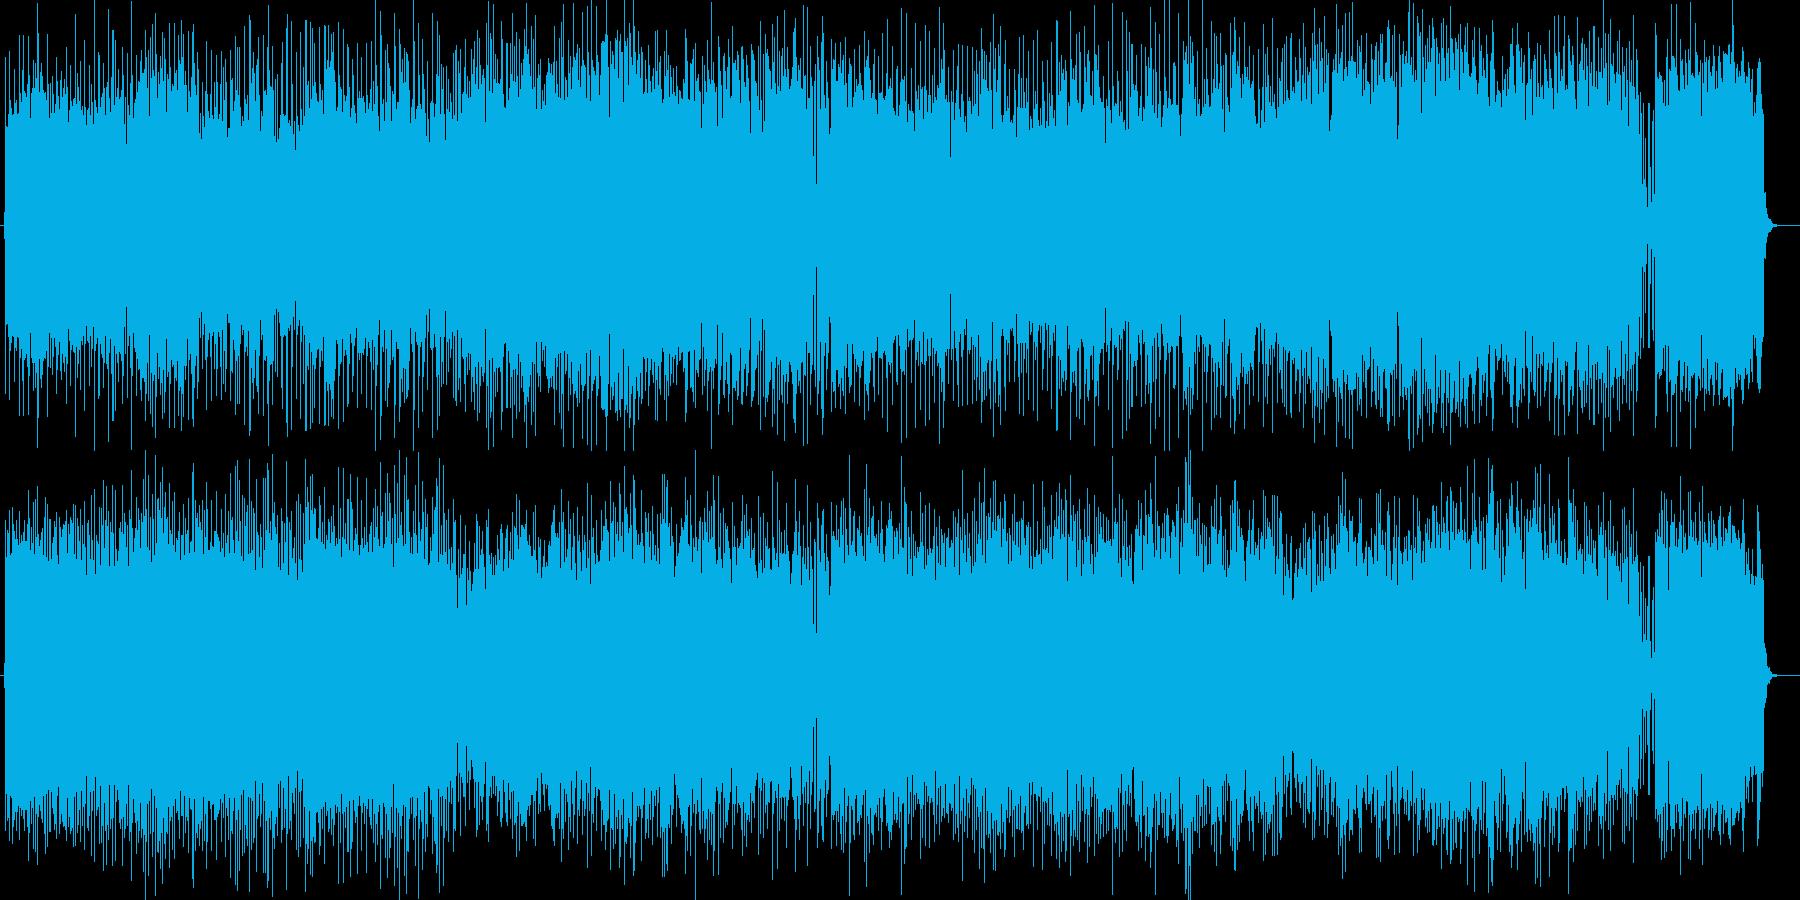 清々しいきらめき感シンセサイザー曲の再生済みの波形